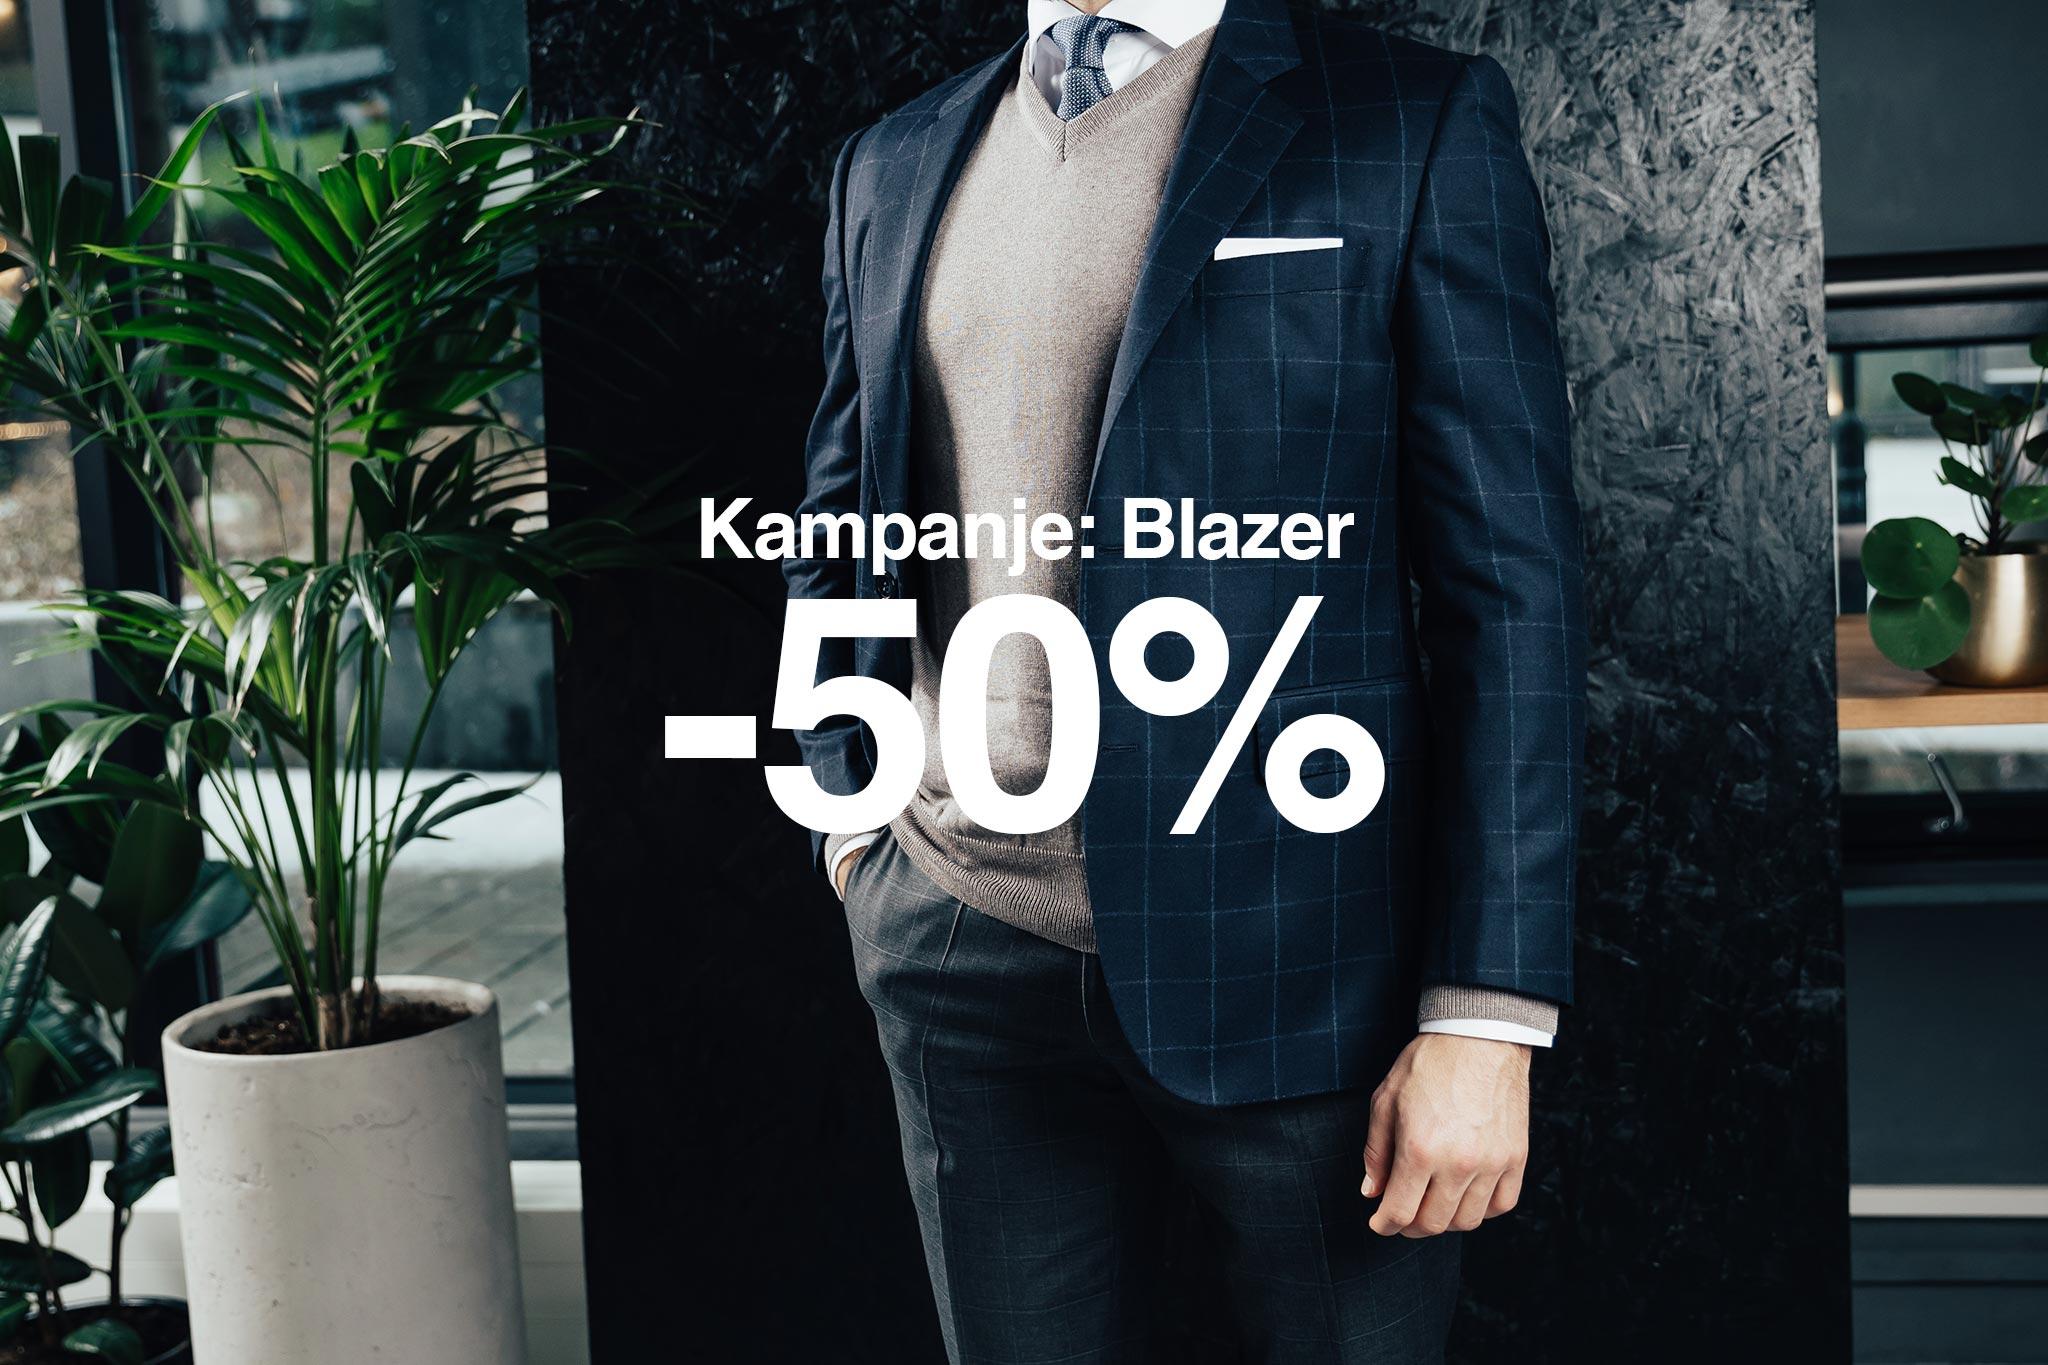 Salg på jakker og bukser